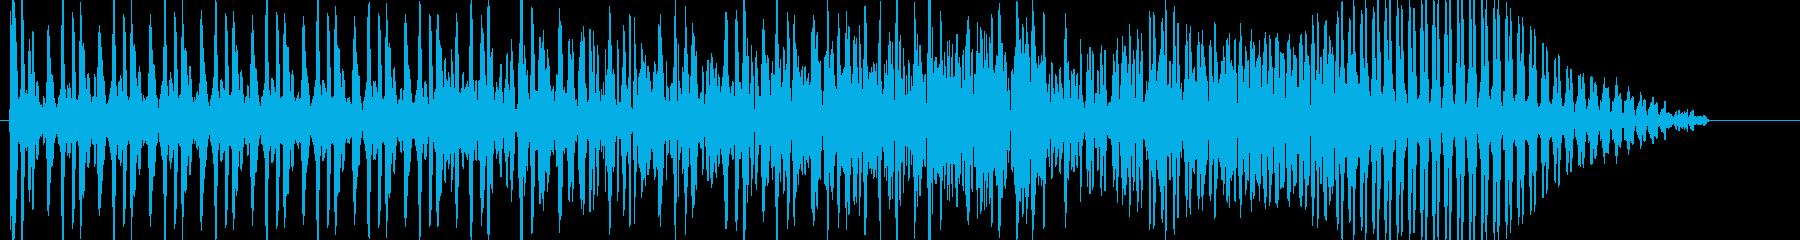 炎系の魔法のようなSEの再生済みの波形